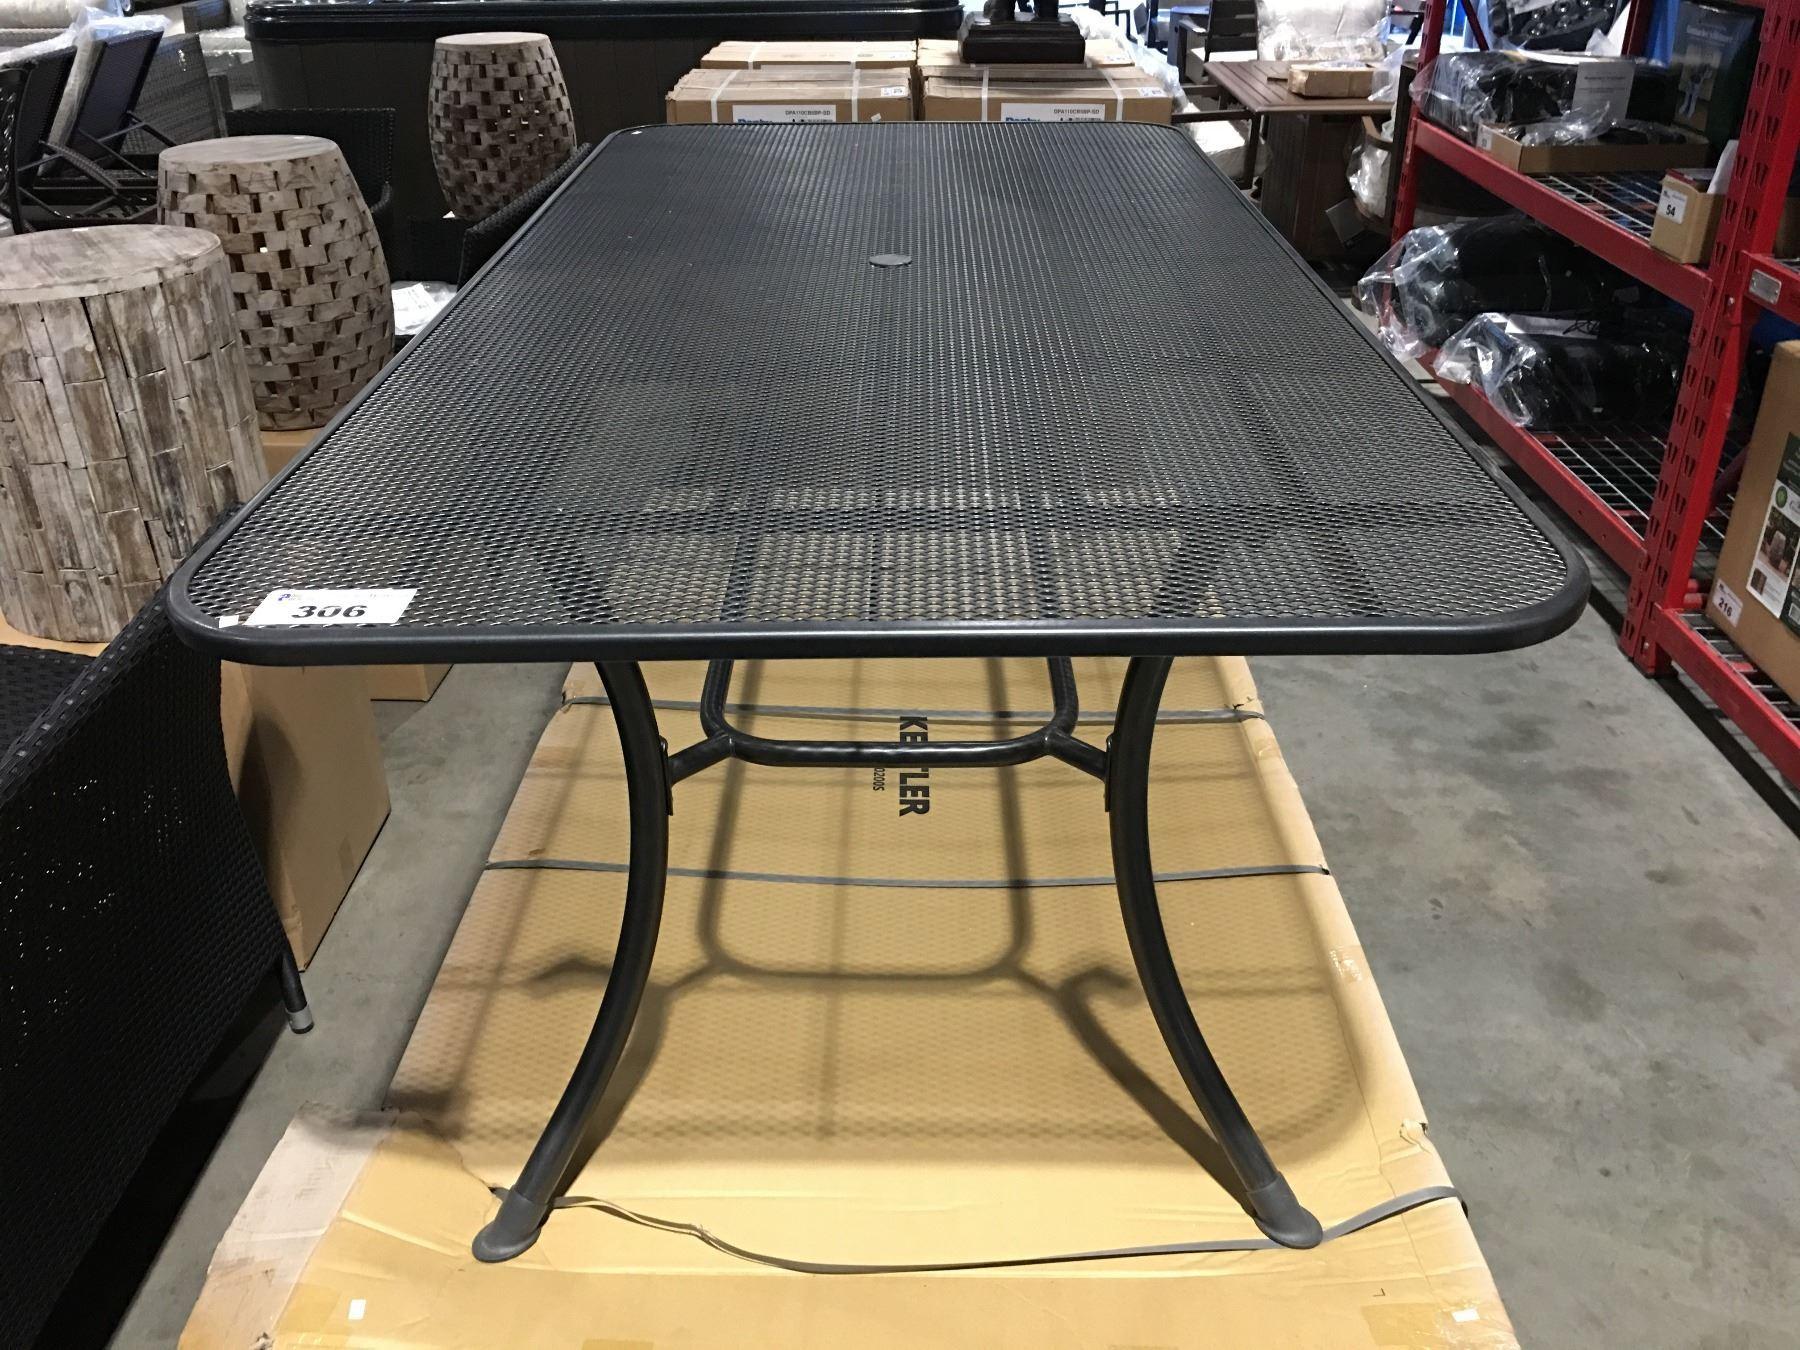 """KETTLER MESH TOP OUTDOOR PATIO TABLE WITH UMBRELLA HOLE, GREY 11""""X11"""""""